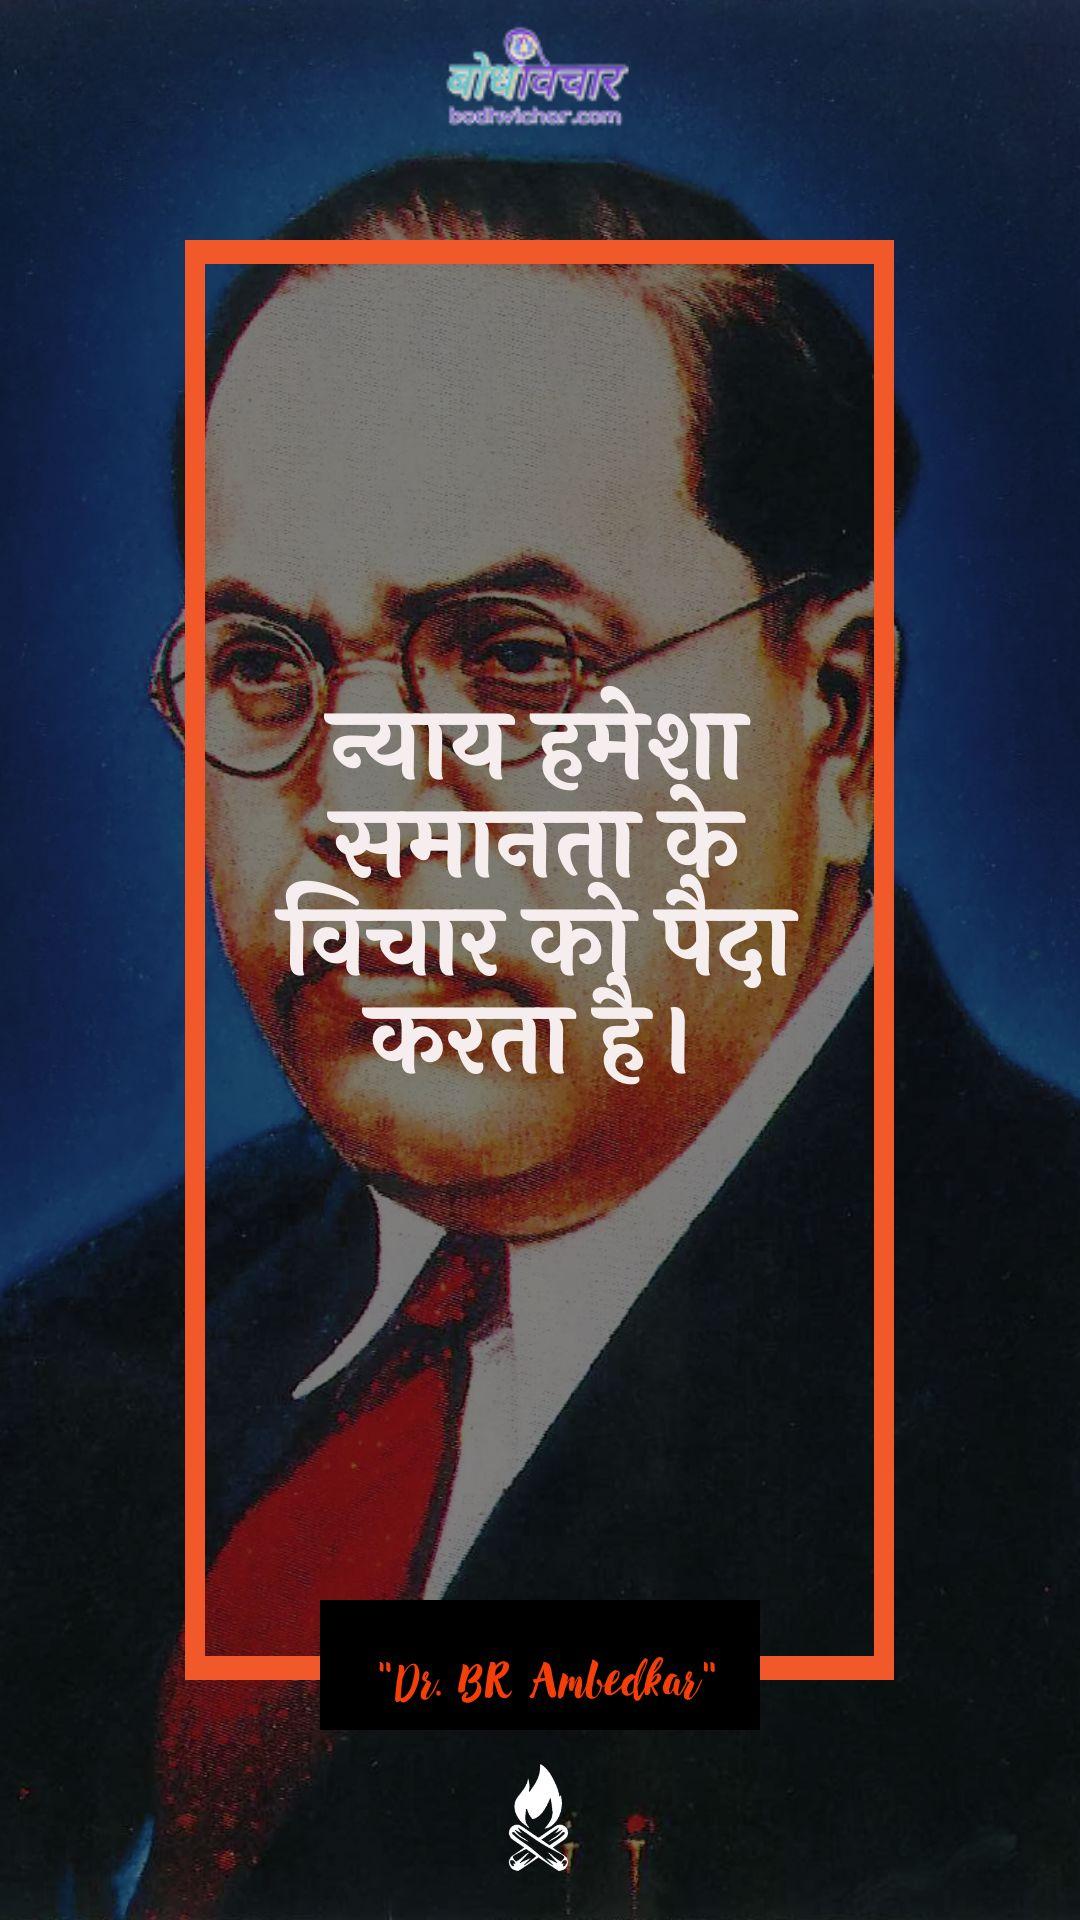 न्याय हमेशा समानता के विचार को पैदा करता है। : Nyaay hamesha samaan ke vichaar ko paida karata hai. - डॉ॰ बी॰ आर॰ अम्बेडकर